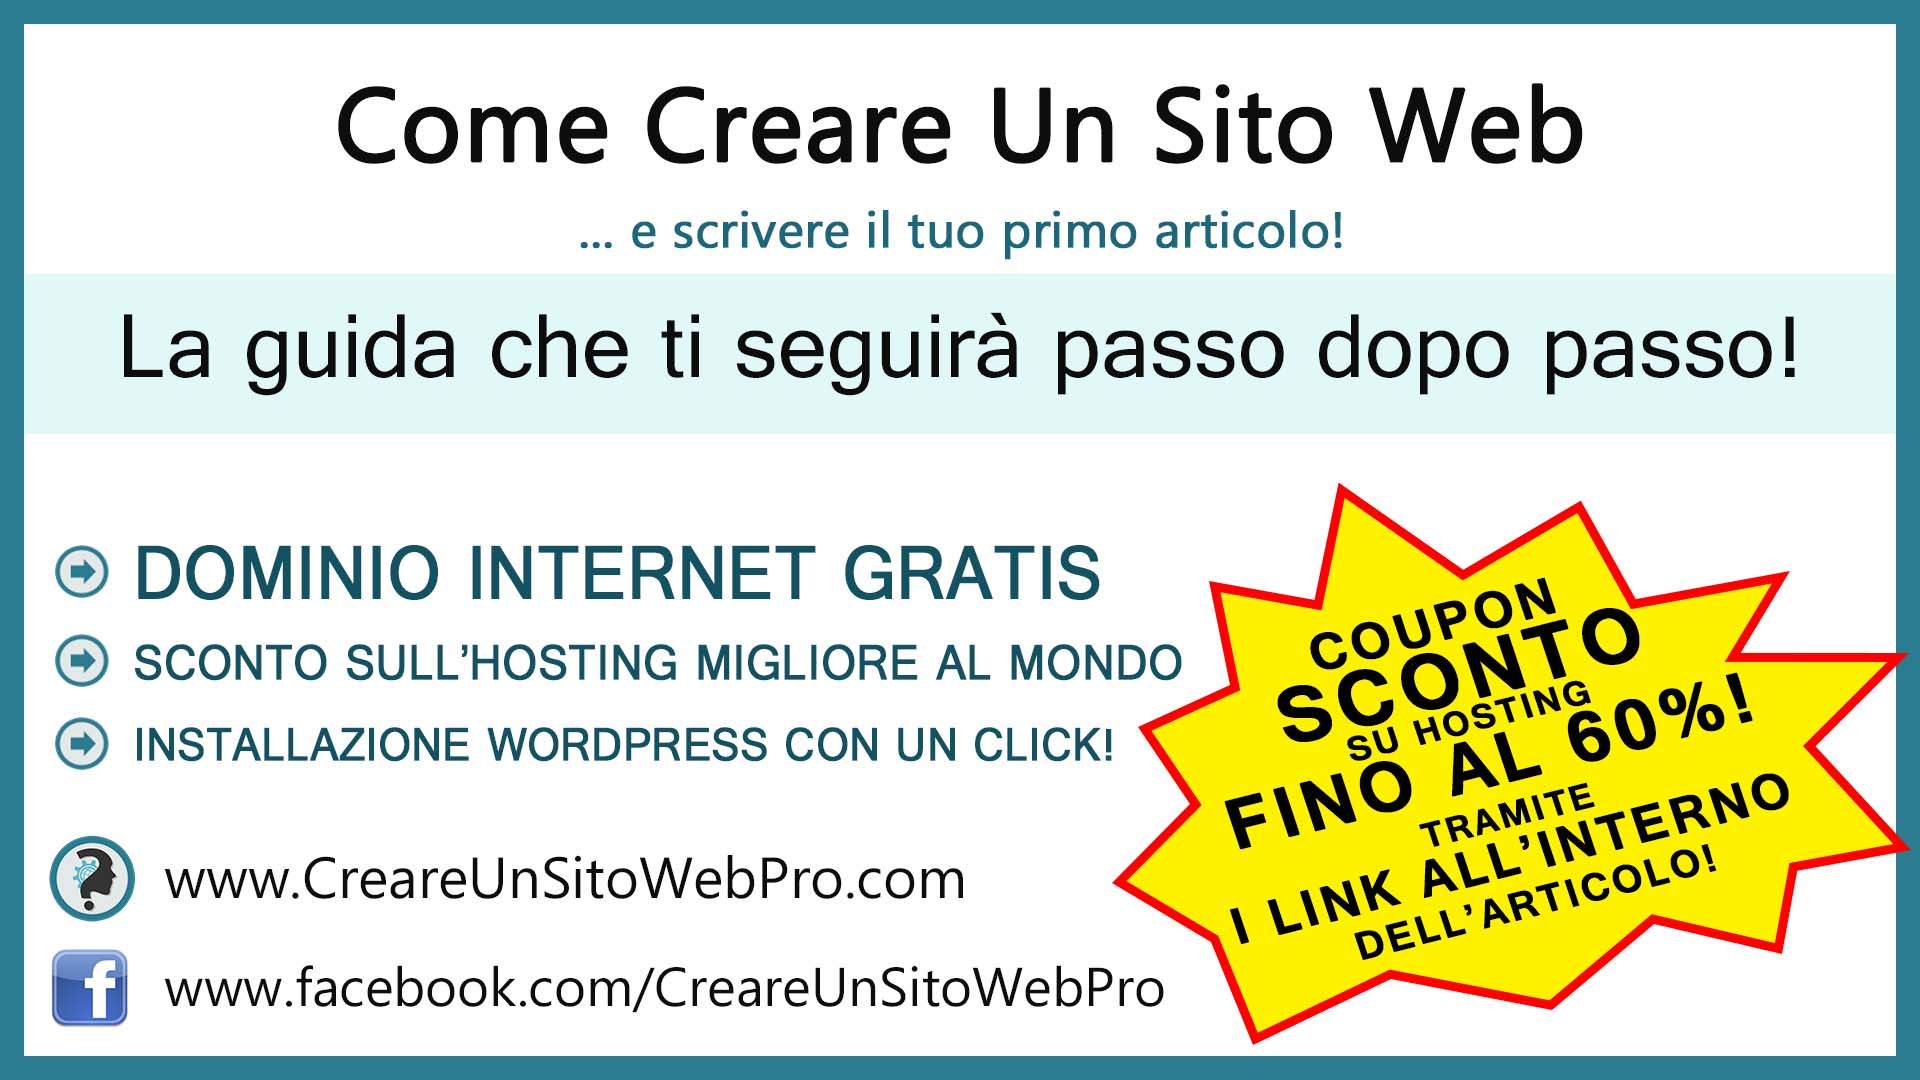 Come Creare Un Sito Web Acquisto Del Dominio, Spazio Hosting, Installazione Wordpress. COUPON SCONTO SU HOSTING!